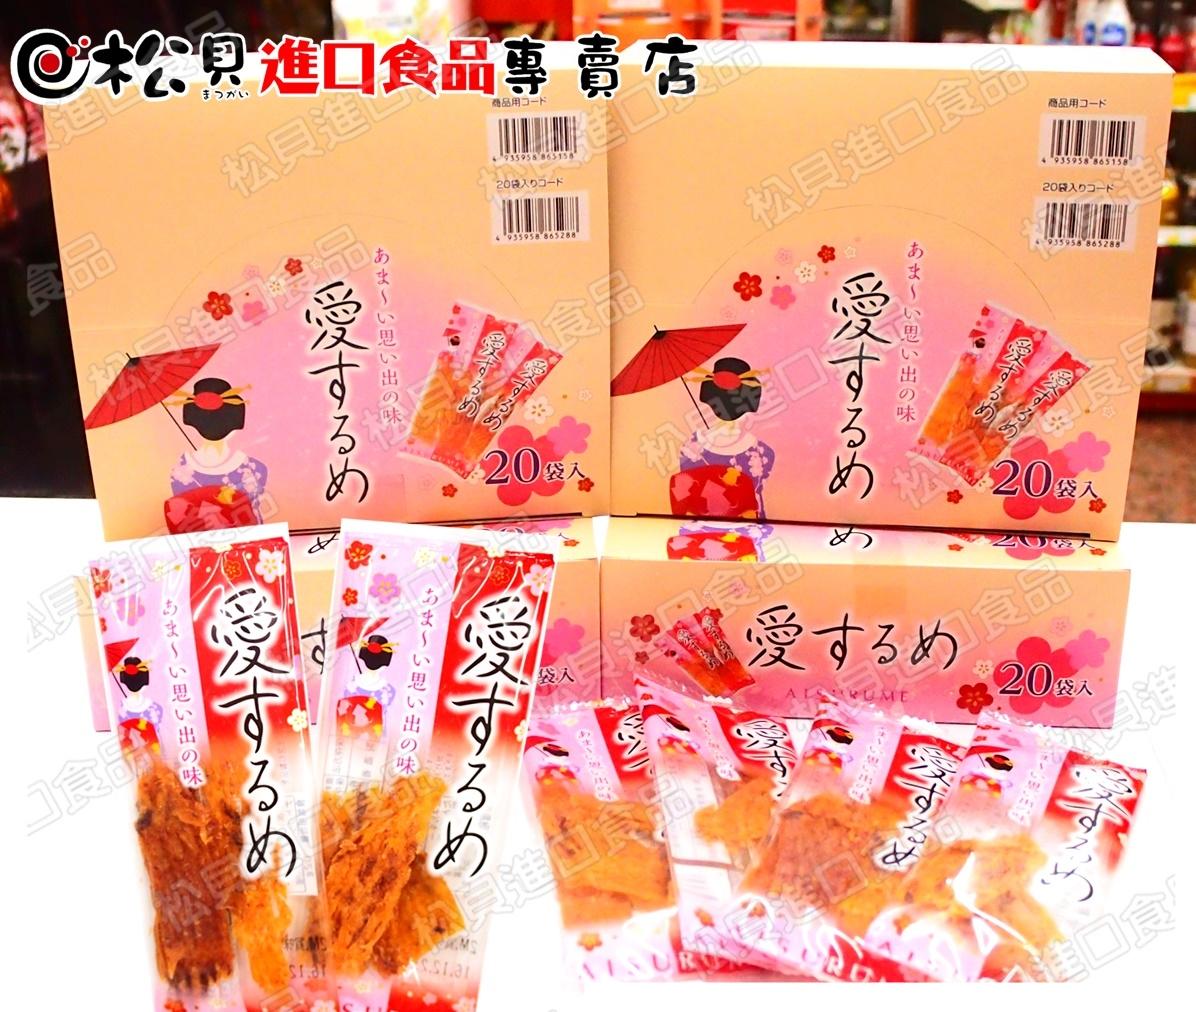 一榮愛調味墨魚片20入120g.JPG